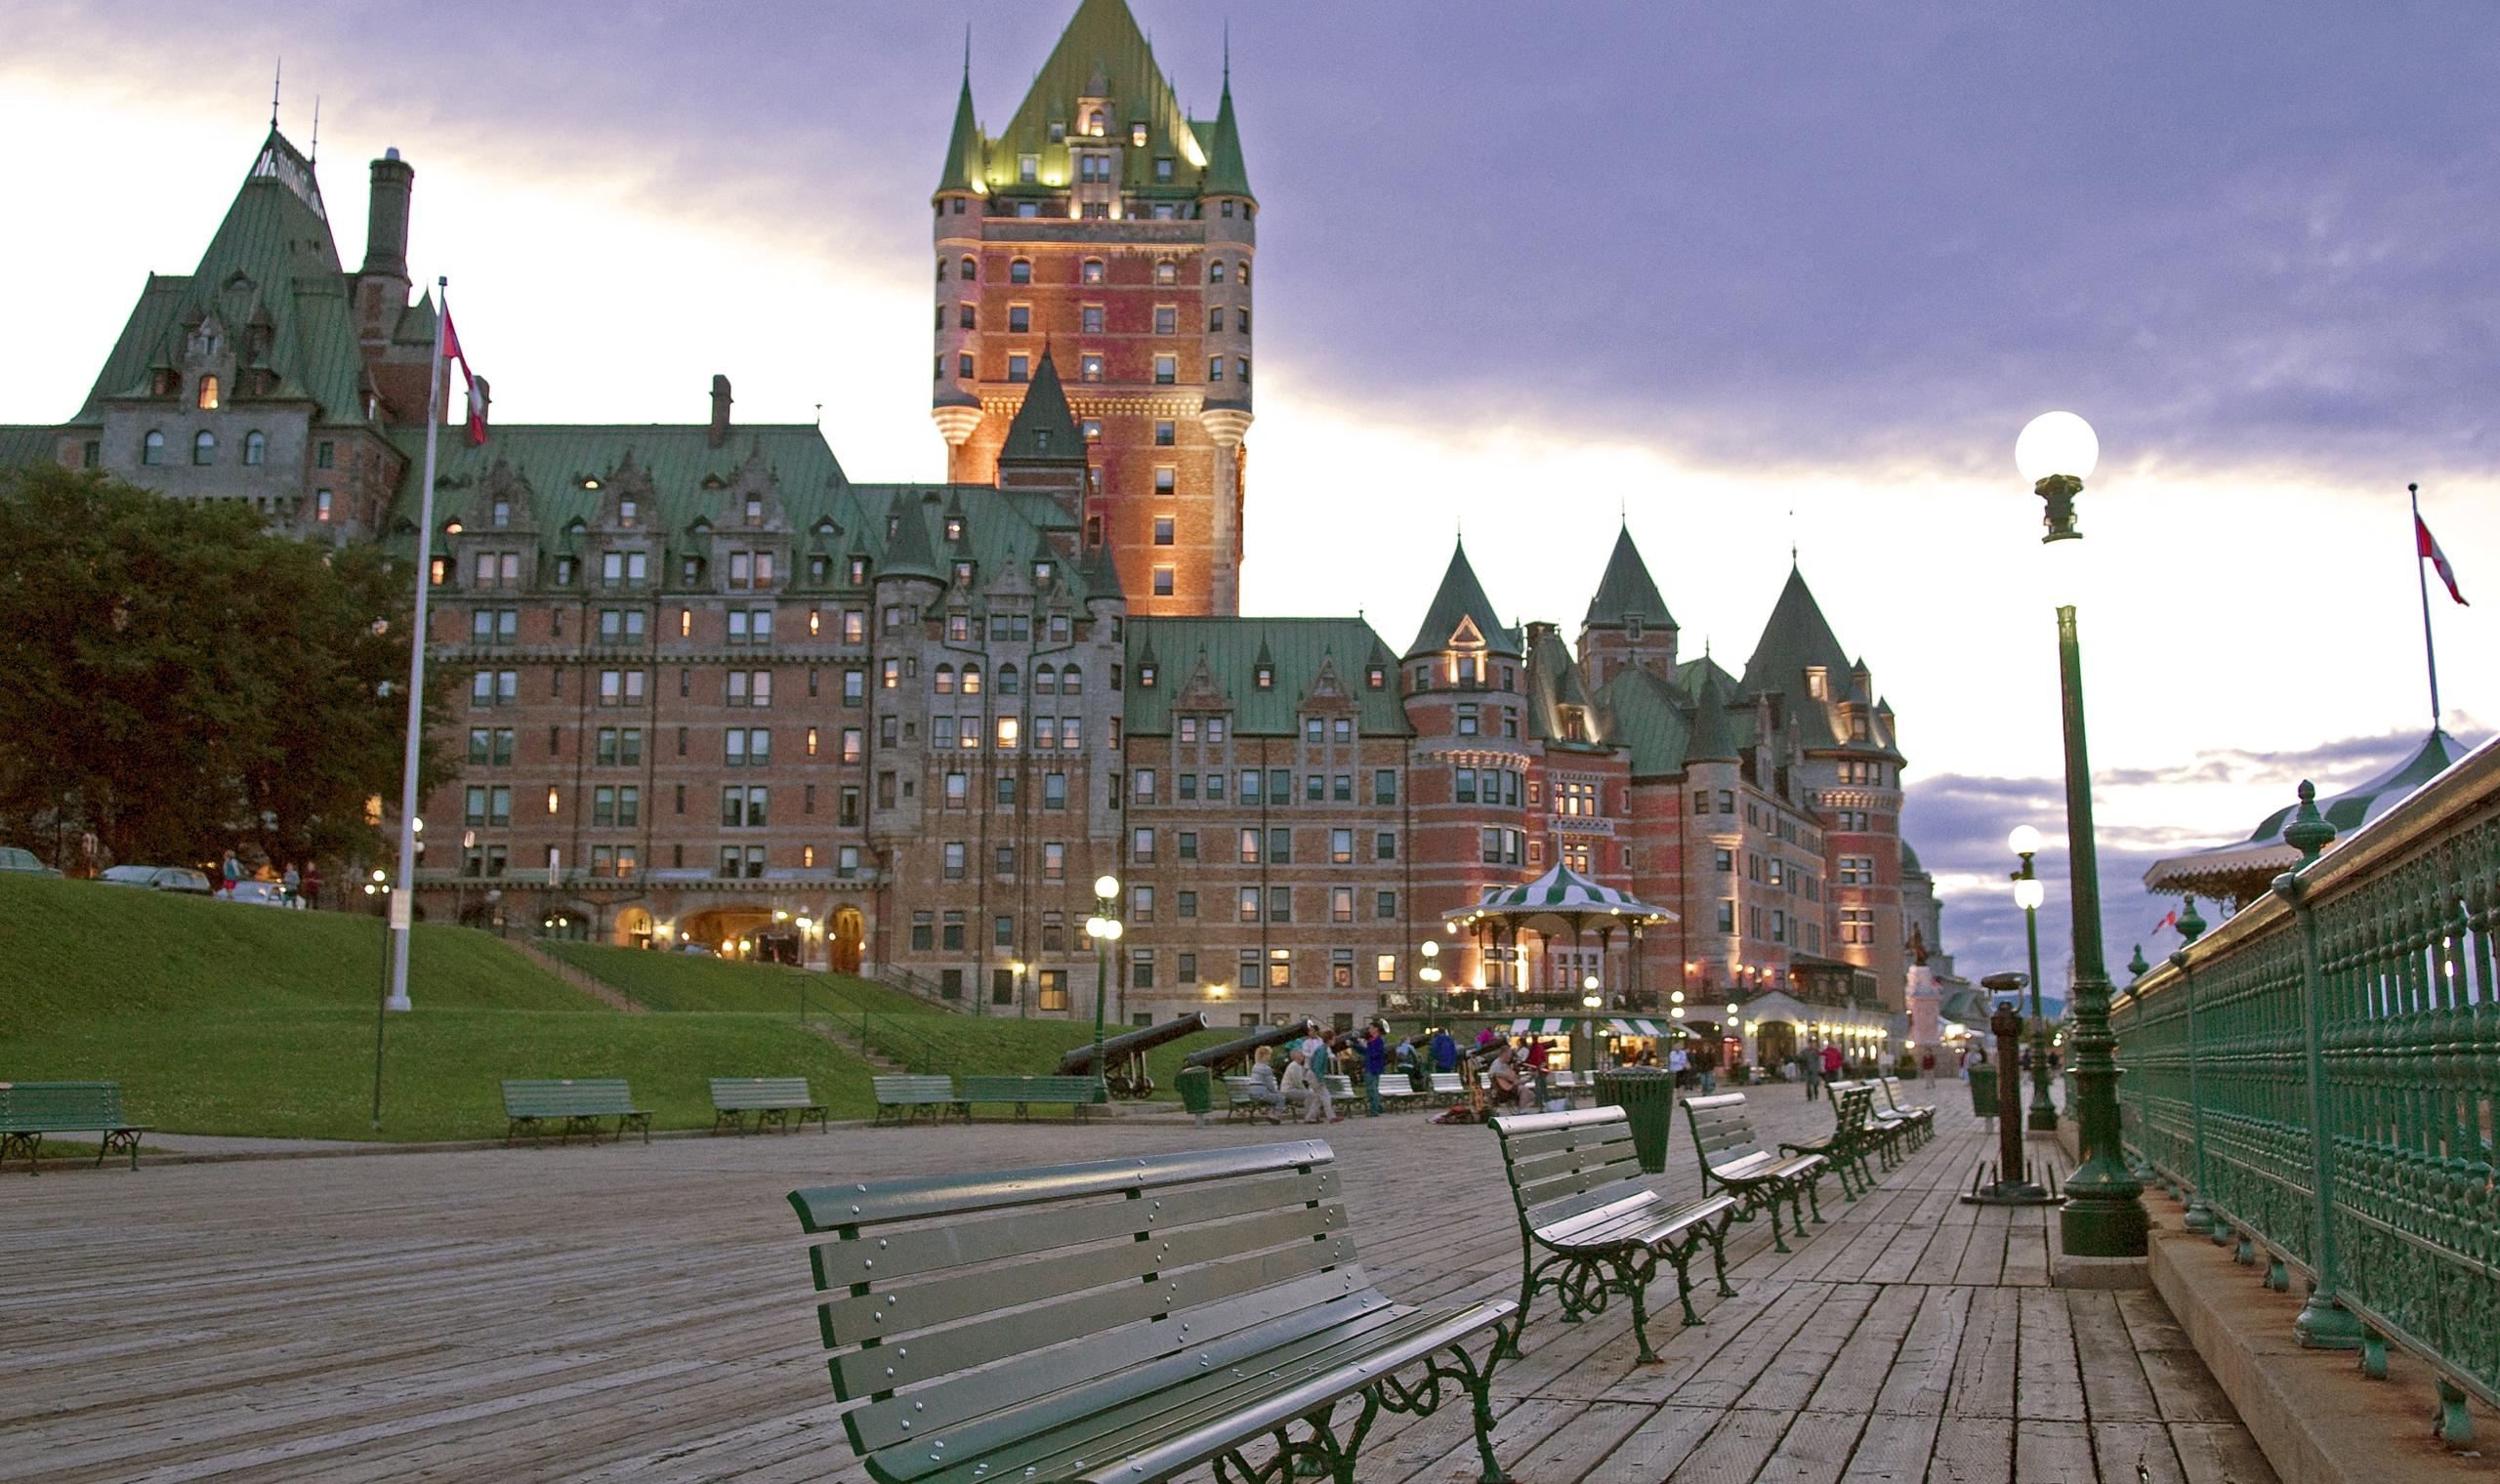 Chateau Frontenac Hotel - Quebec, Canada   Frontenac hotel